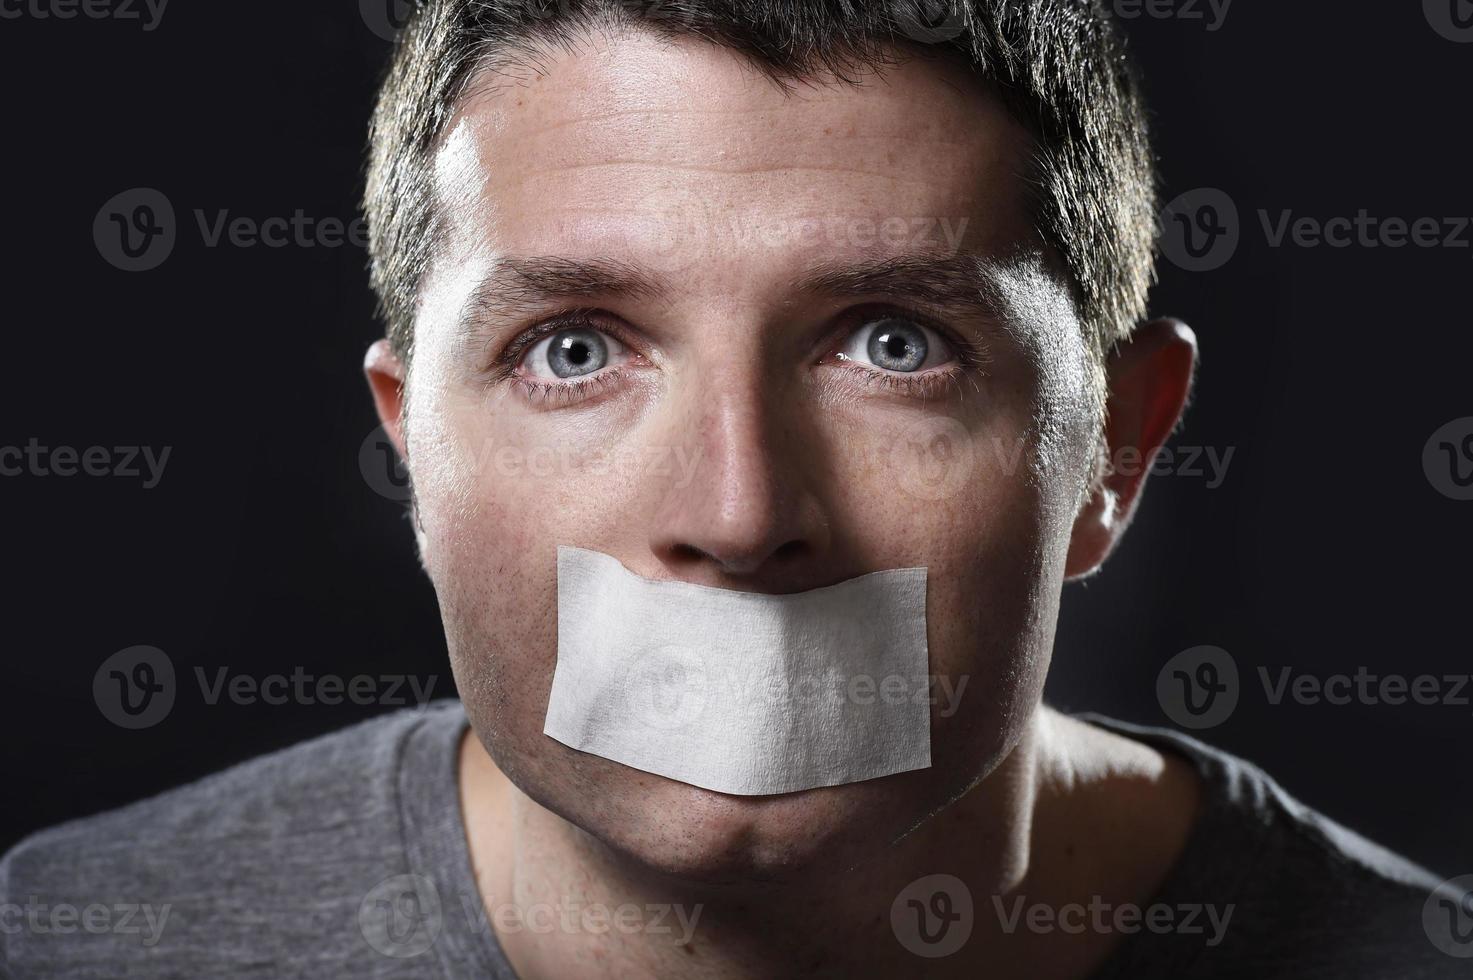 attraente giovane bocca sigillata su nastro adesivo foto